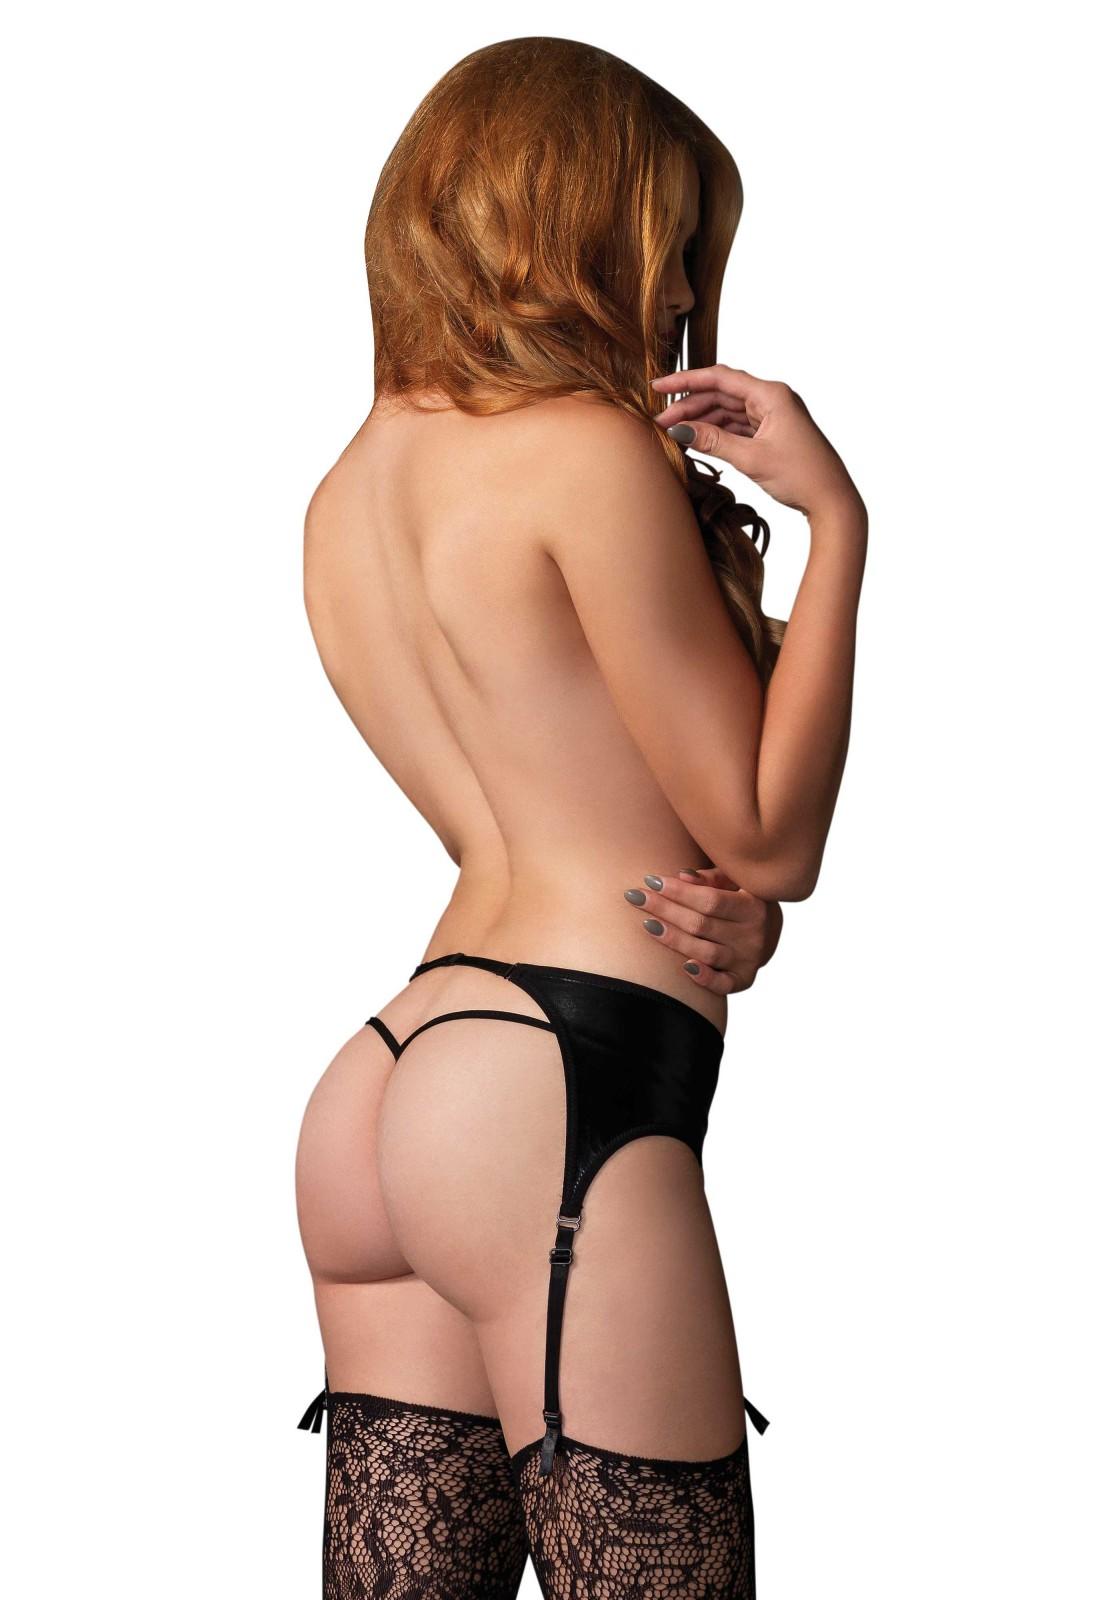 Wet look garter belt with adjustable garter straps and detachable closure.